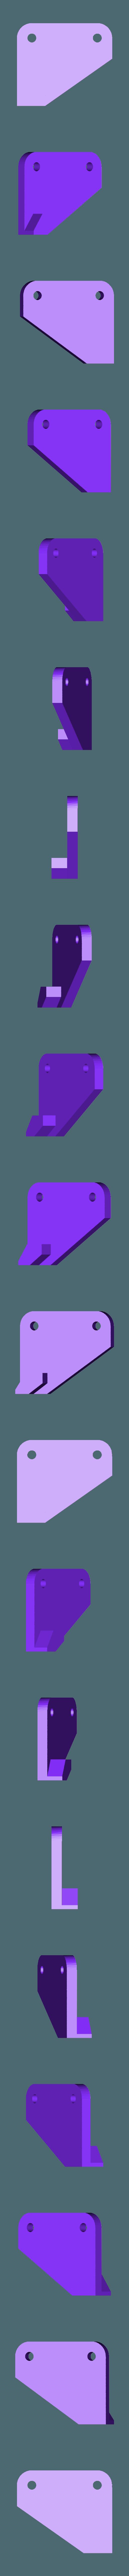 Truck_V4_Frame_D3ACC.STL Download STL file 3D Printed Rc Truck V4 • 3D printable template, MrCrankyface